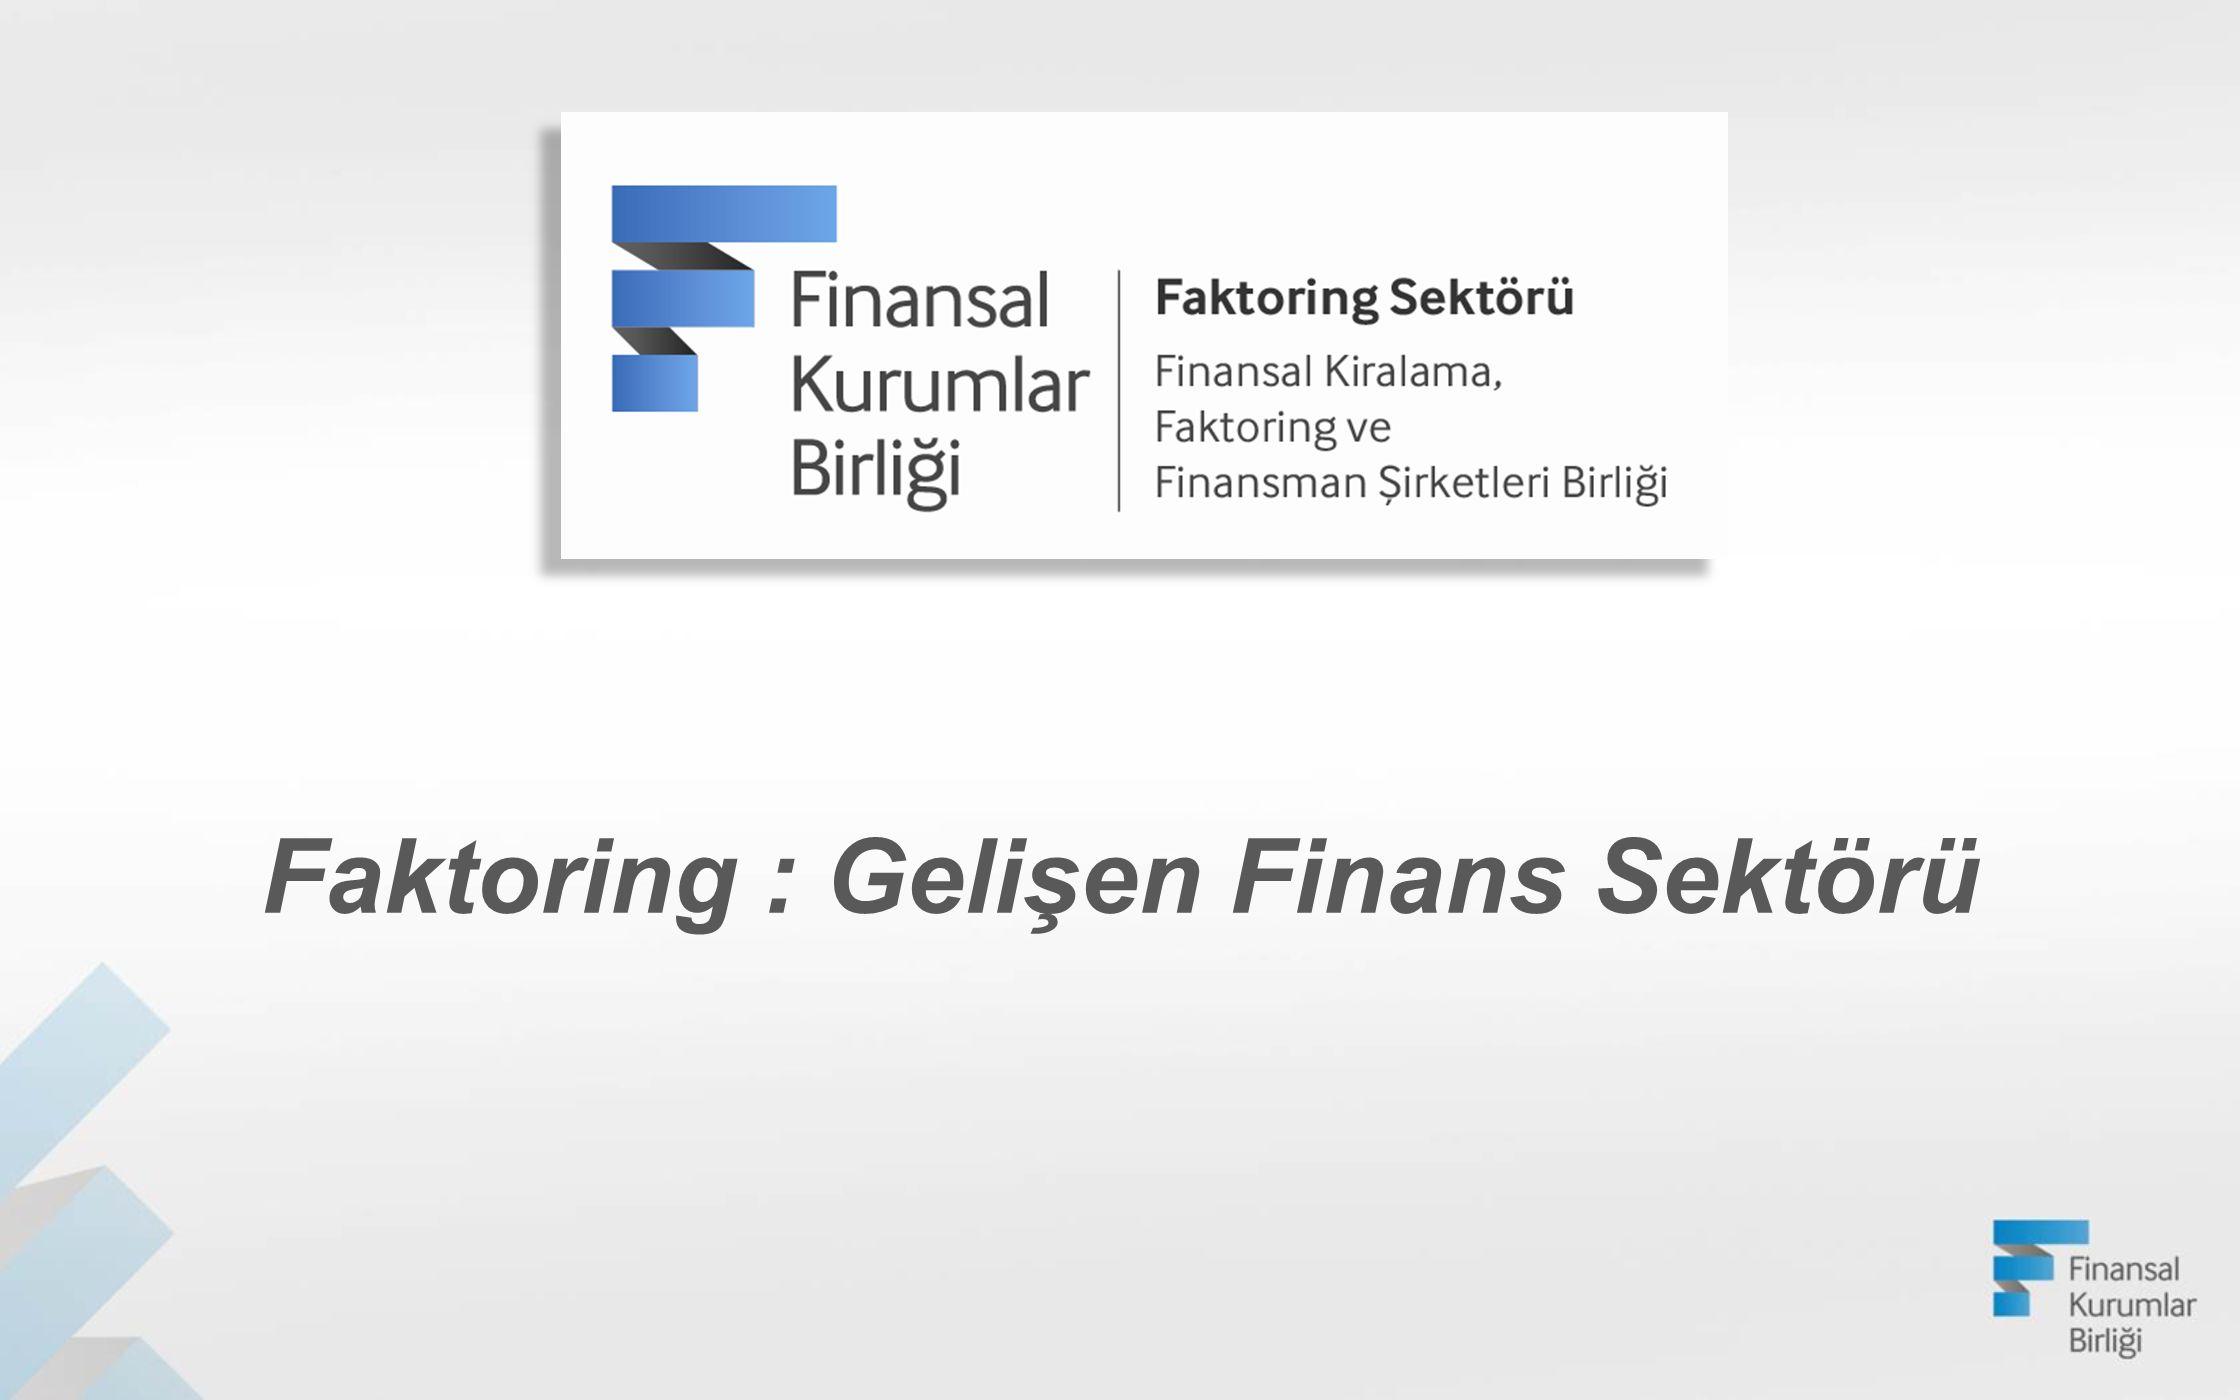 1988 Banka departmanı olarak ilk faktoring faaliyeti başladı 1994 90 sayılı KHK'da 545 sayılı KHK ile değişiklik (Ödünç para verme işleri hakkında) 1995 Faktoring Derneği kuruldu 2006 Denetim ve yönetim BDDK'ya bağlandı.